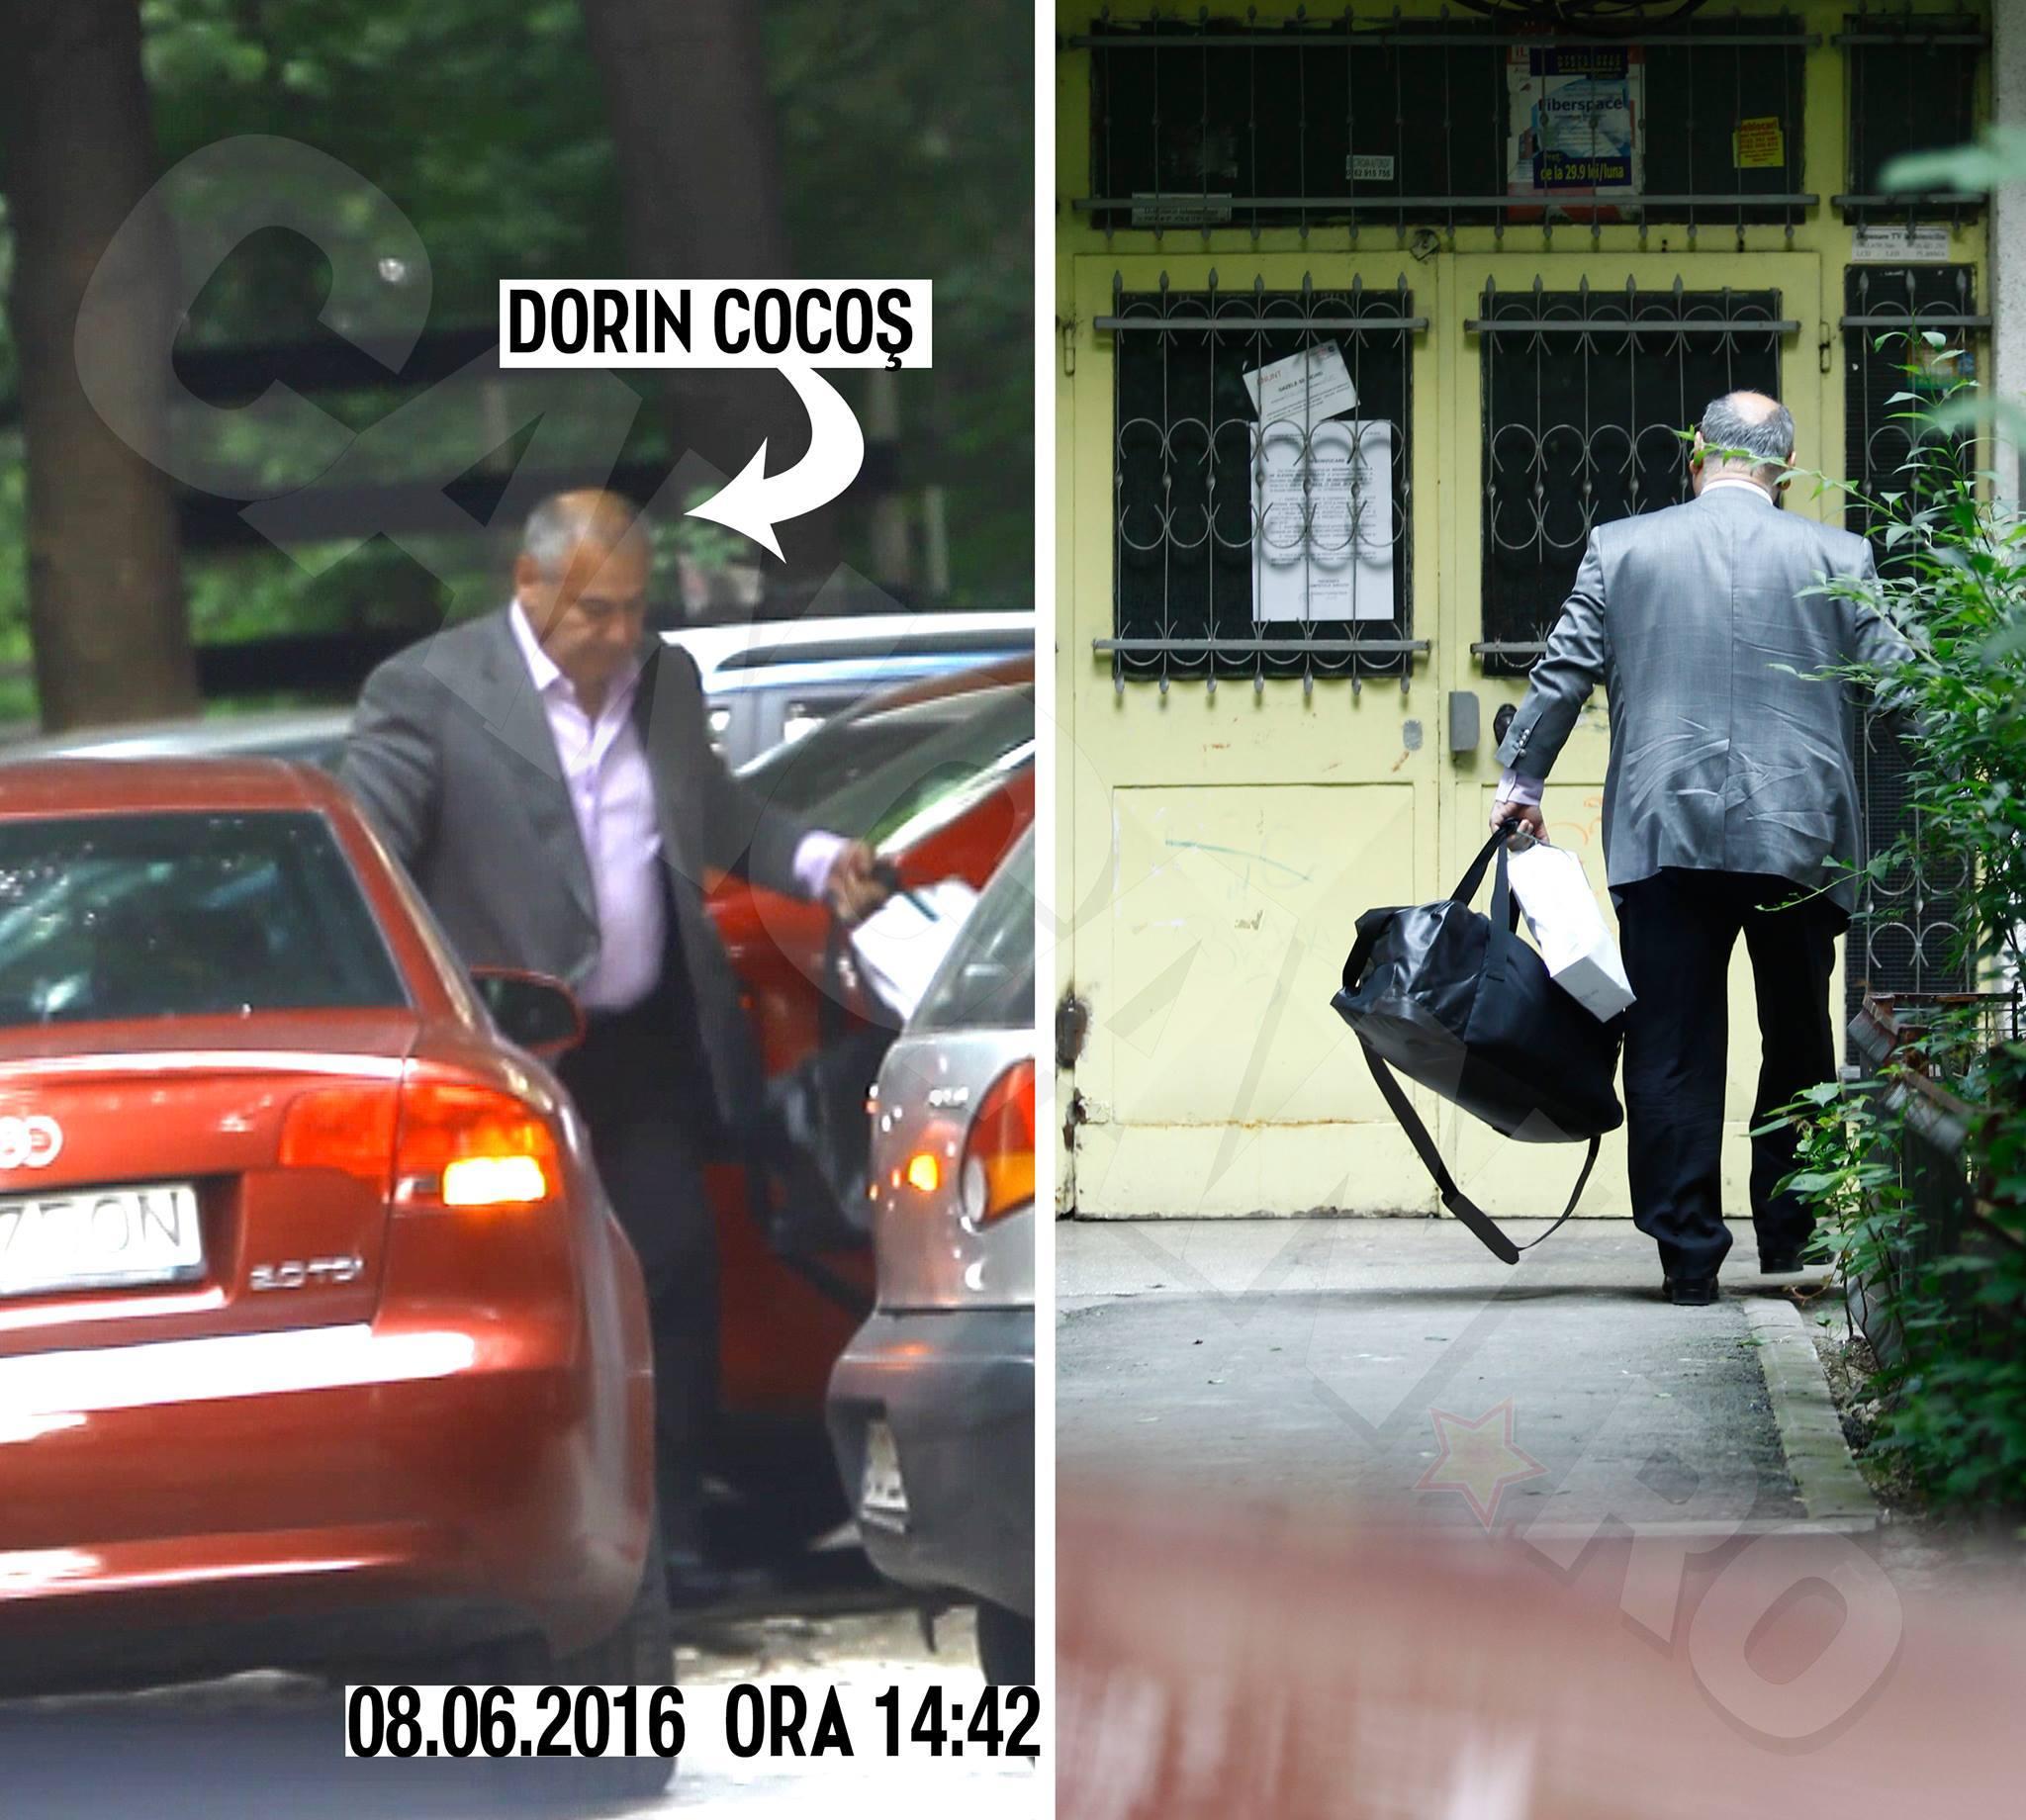 L-am fotografiat pe Dorin Cocoş în momentul în care părea să se mute acasă la Raluca Miu